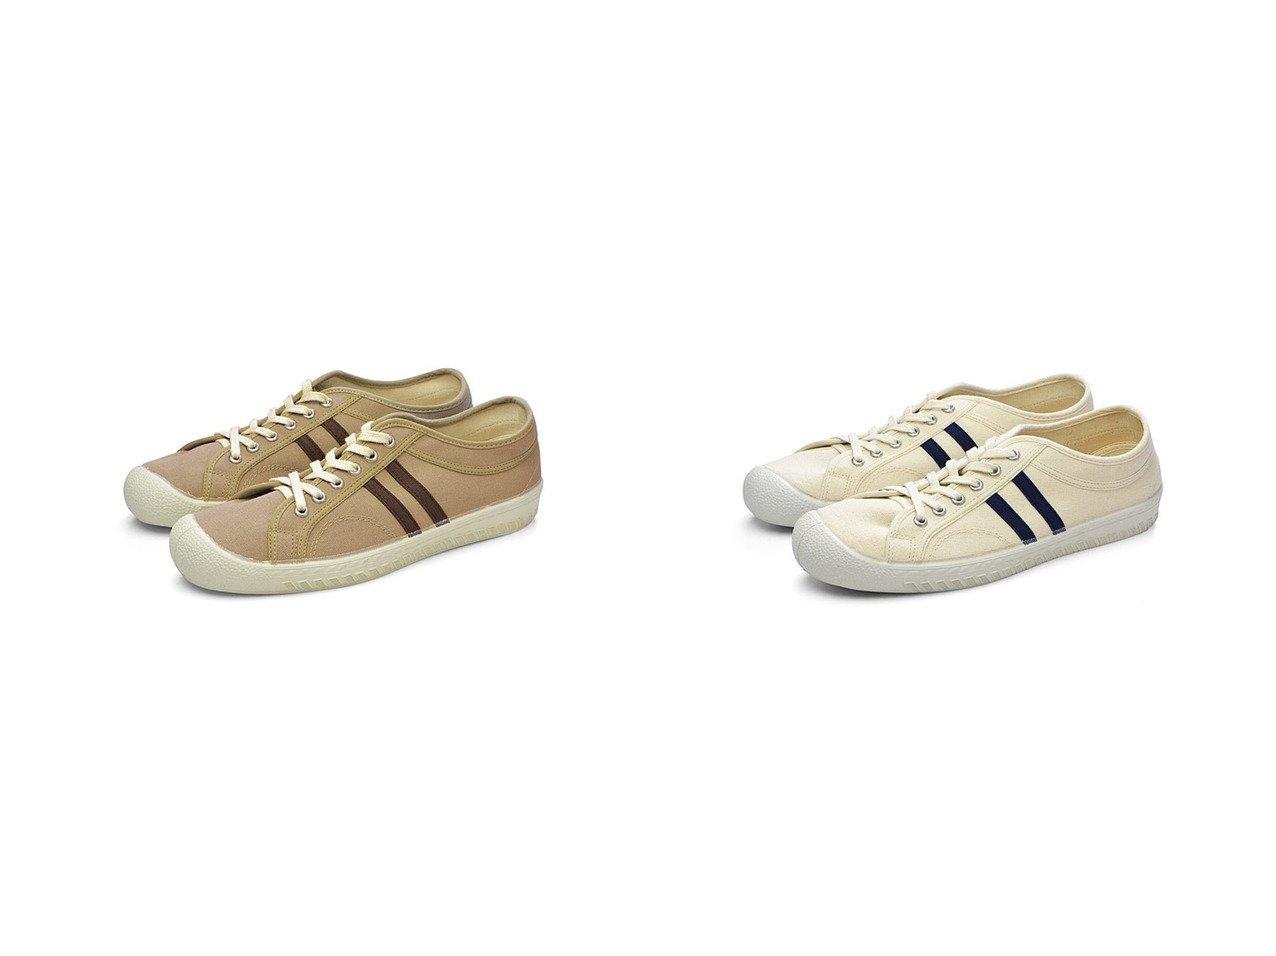 【NOBRAND/ノーブランド】のINN-STANT CANVAS SHOES スニーカー シューズ・靴のおすすめ!人気、トレンド・レディースファッションの通販  おすすめで人気の流行・トレンド、ファッションの通販商品 メンズファッション・キッズファッション・インテリア・家具・レディースファッション・服の通販 founy(ファニー) https://founy.com/ ファッション Fashion レディースファッション WOMEN アイレット インソール カメラ キャンバス クッション シューズ シンプル スニーカー ミリタリー レース  ID:crp329100000015629